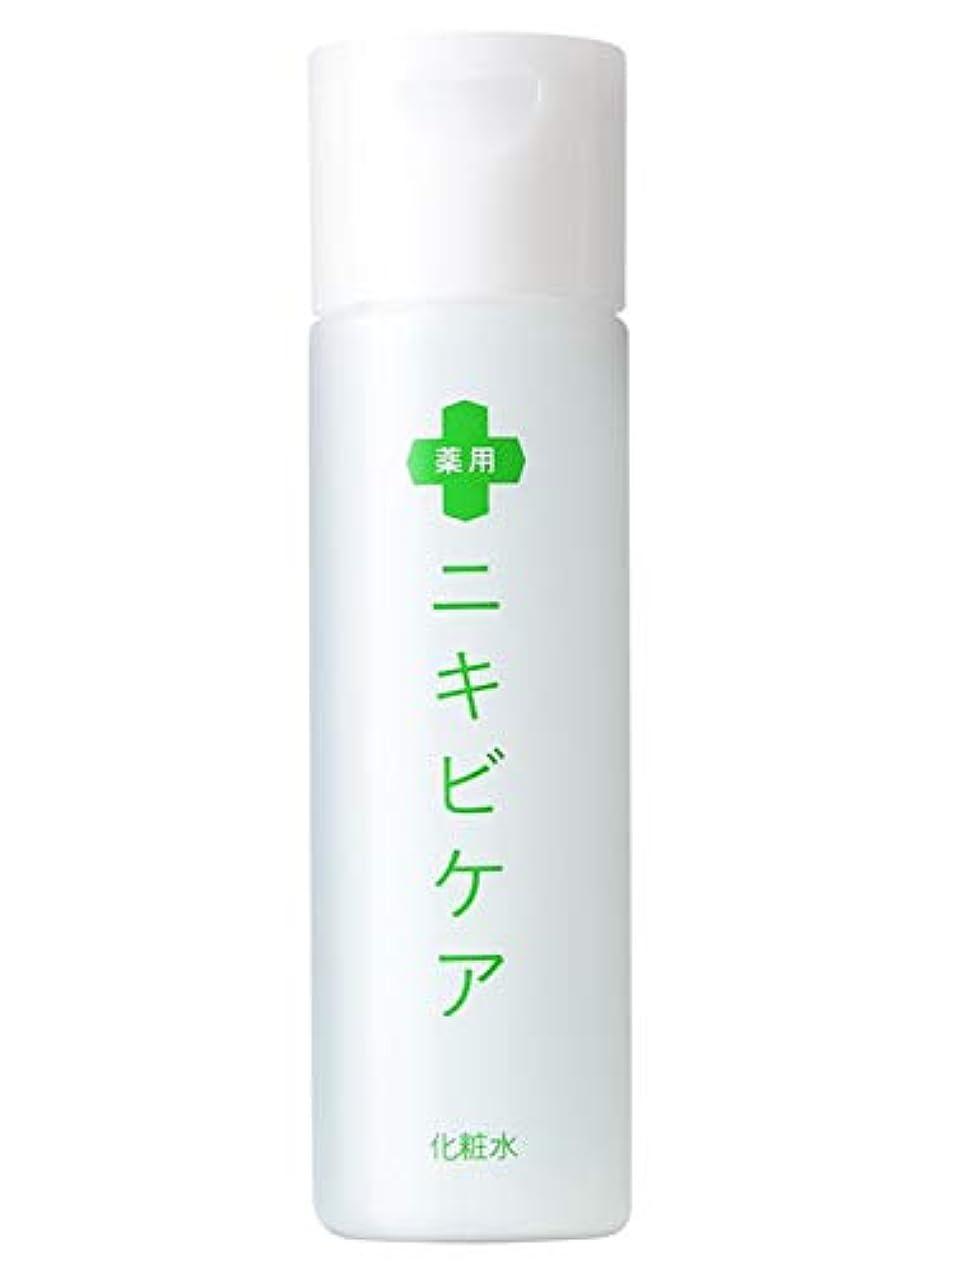 達成可能手順うまくいけば医薬部外品 薬用 ニキビケア 化粧水 大人ニキビ 予防「 あご おでこ 鼻 ニキビ アクネ 対策」「 肌をひきしめサラサラに 」「 コラーゲン プラセンタ 配合 」 メンズ & レディース 120ml